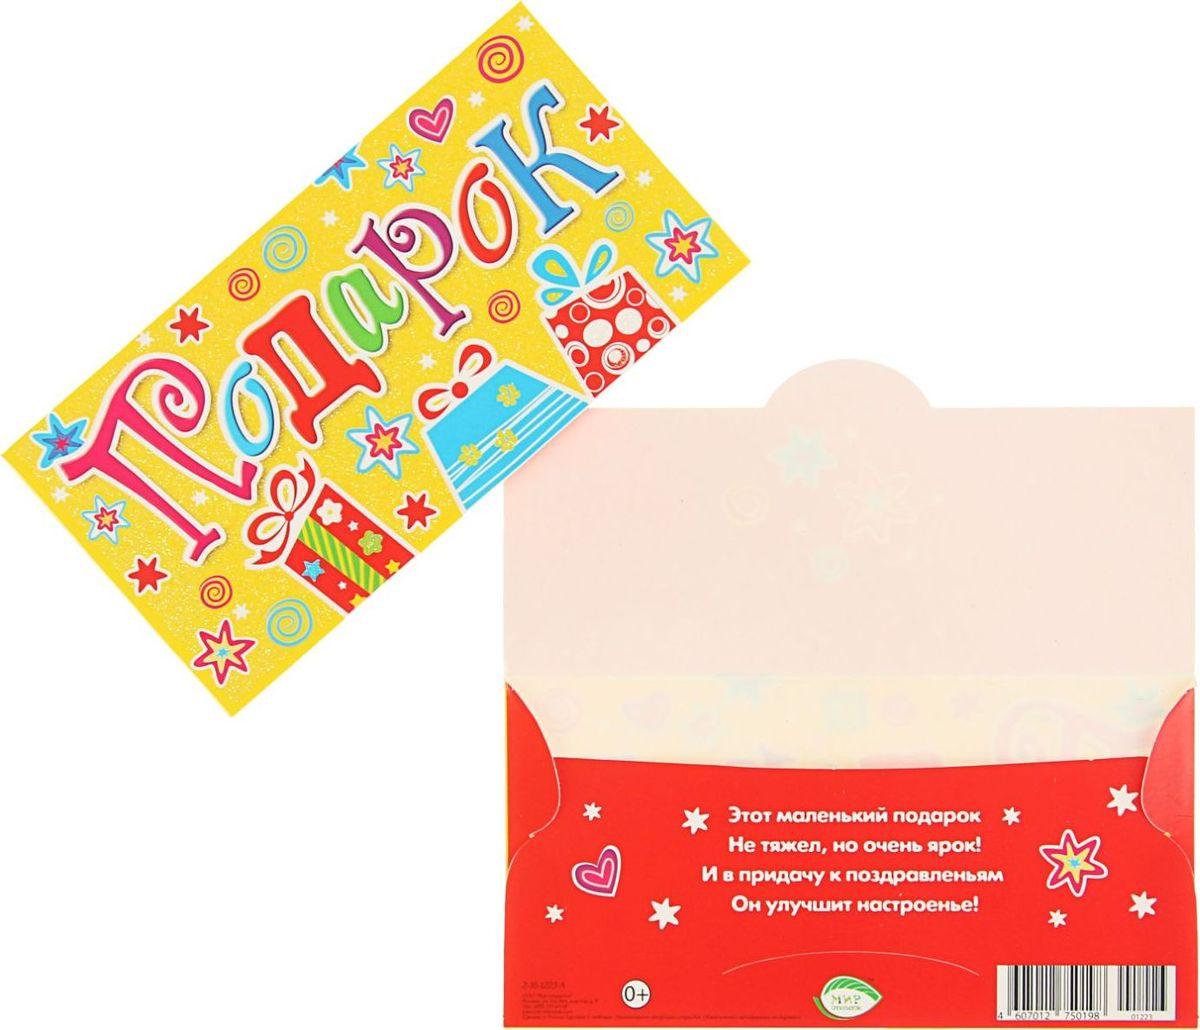 Конверт для денег Мир открыток Подарок! Желтый фон, 16,4 х 8,4 см2015669Конверт для денег Мир открыток Подарок! Желтый фон выполнен из картона с оригинальным дизайном. Невозможно представить нашу жизнь без праздников! Мы всегда ждем их и предвкушаем, обдумываем, как проведем памятный день, тщательно выбираем подарки и аксессуары, ведь именно они создают и поддерживают торжественный настрой. Этот конверт - отличный выбор, который привнесет атмосферу праздника в ваш дом!